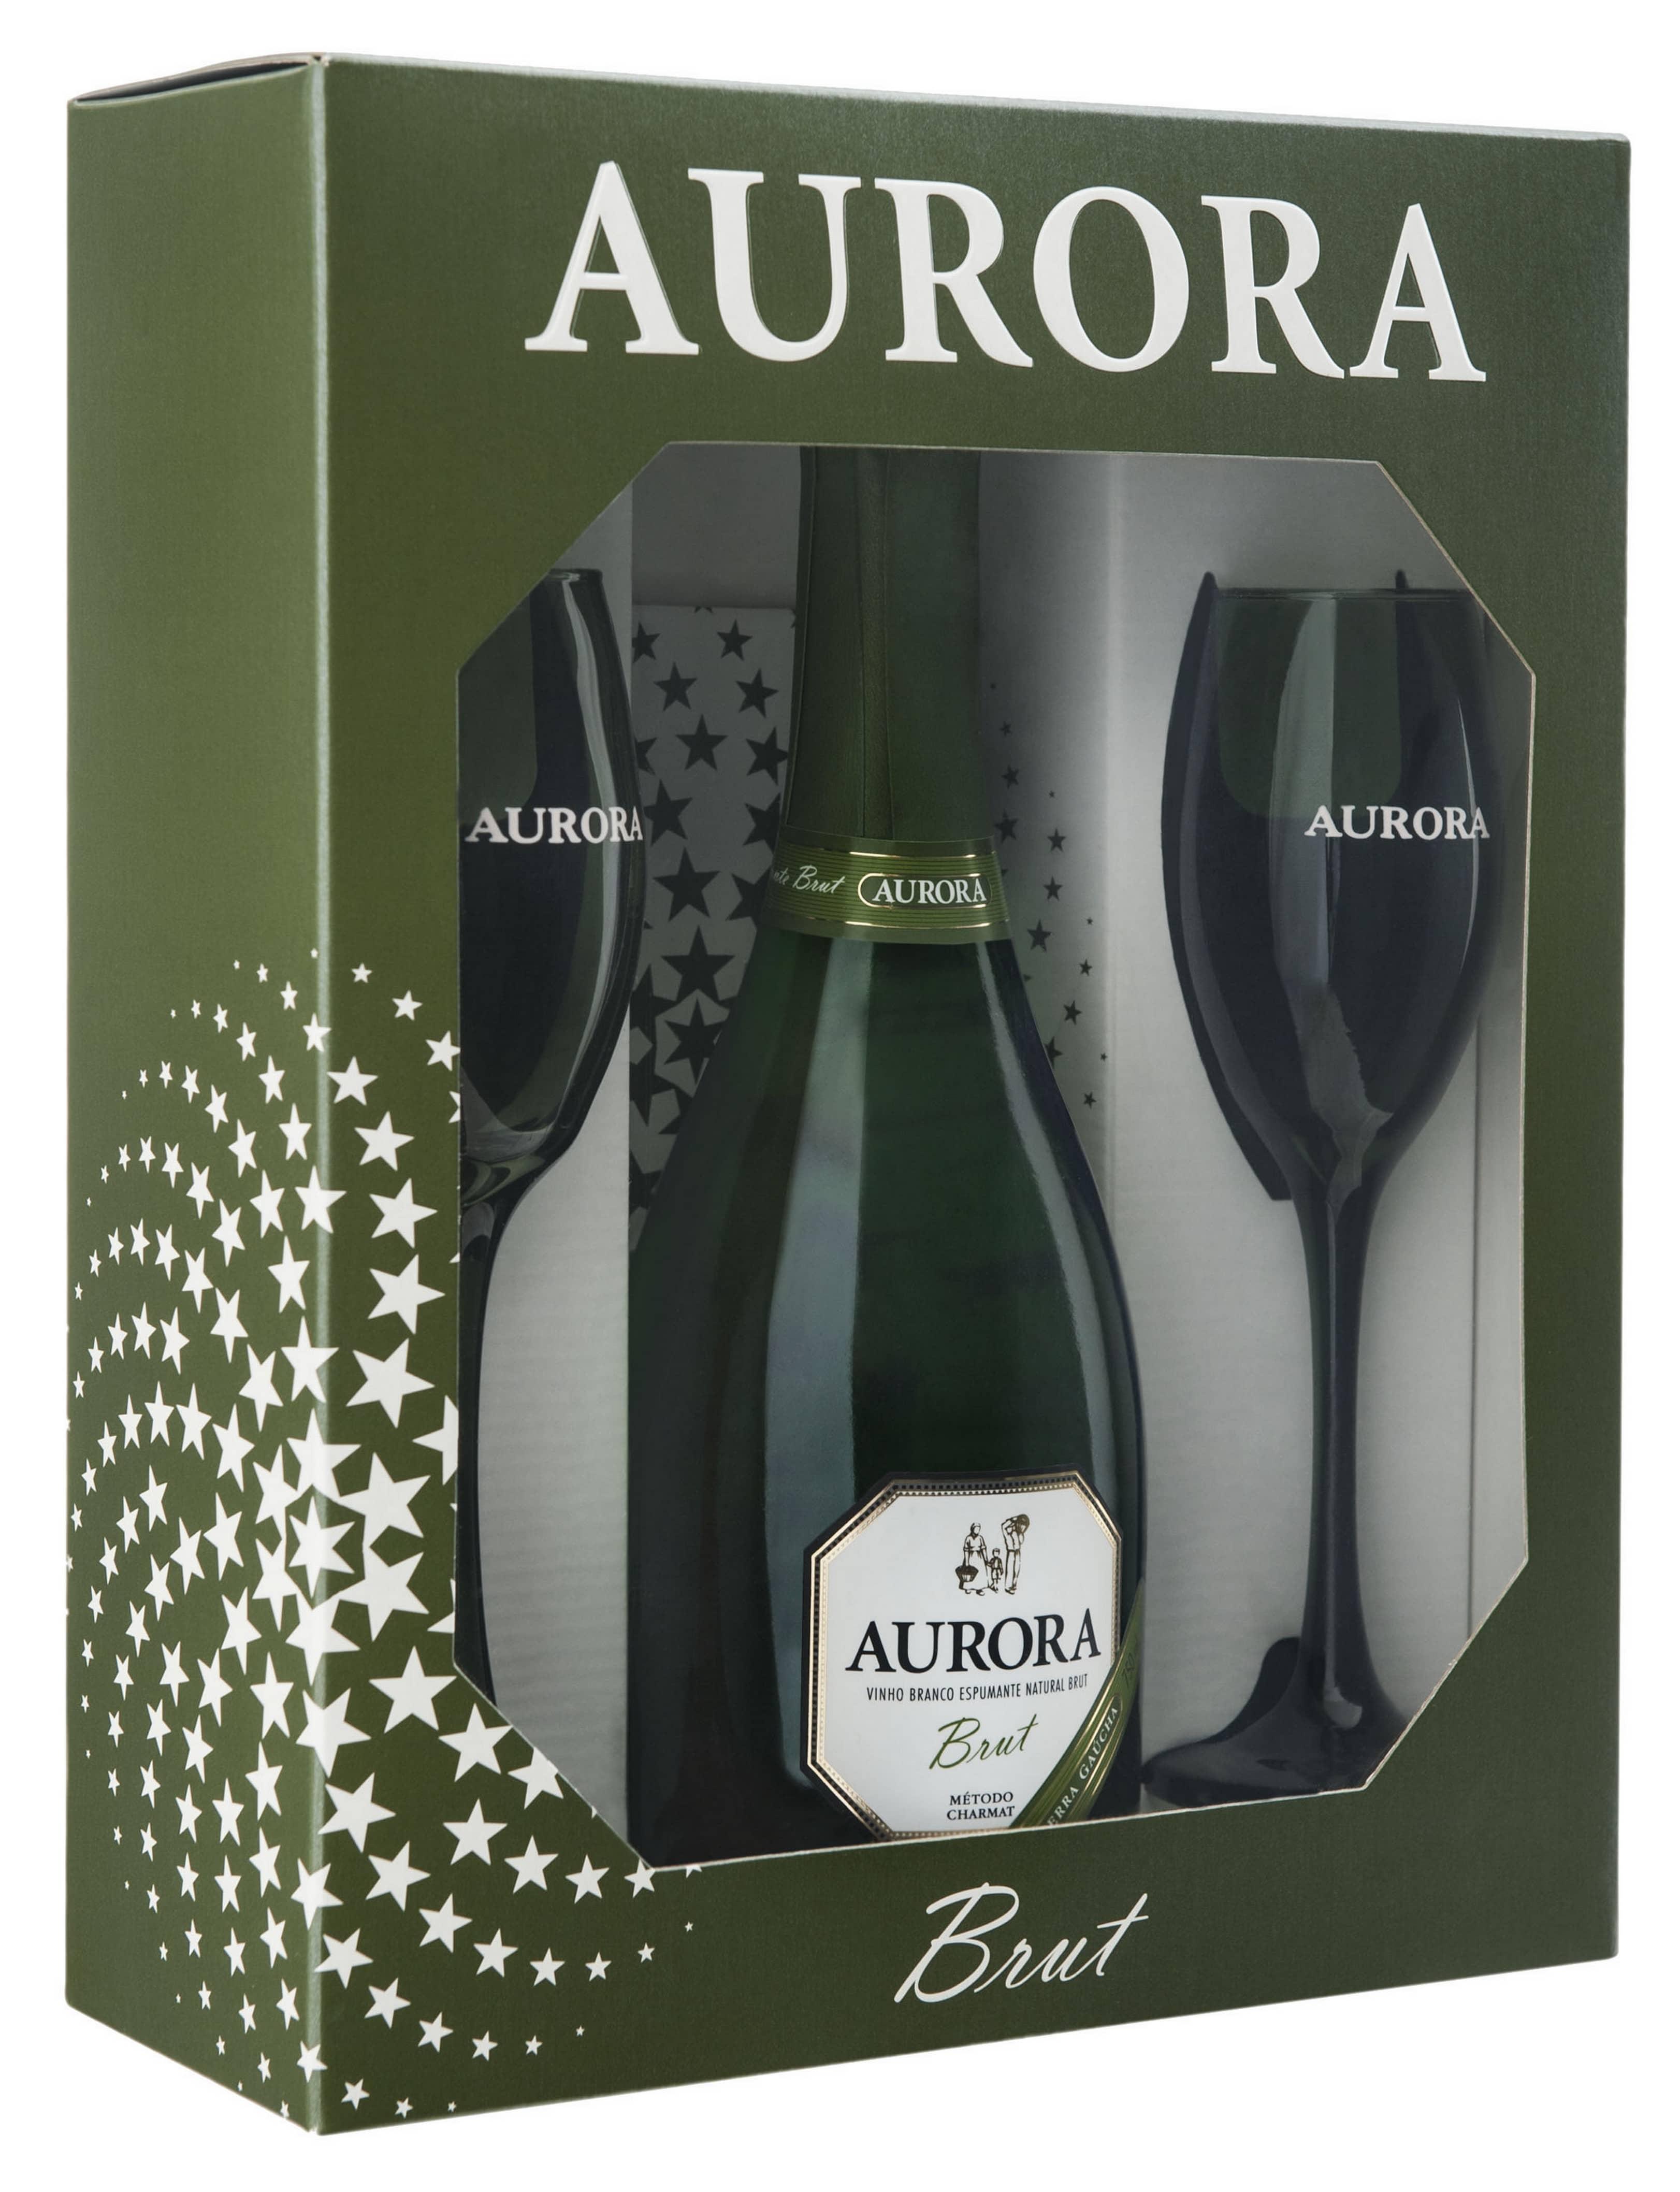 Maleta-Aurora-Brut